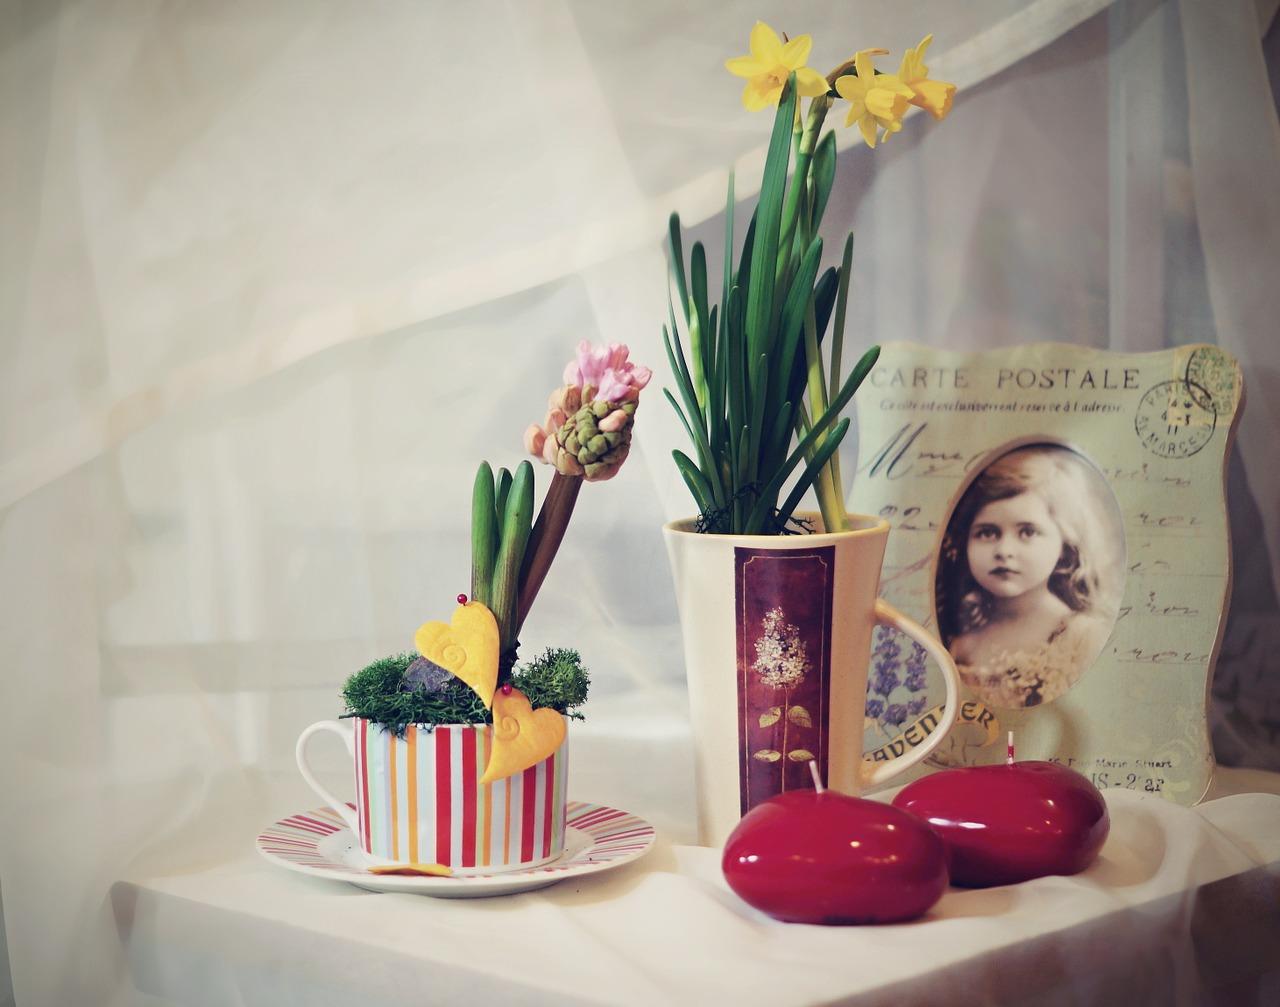 Nemusíte kupovat drahé květináče, postačí i starší nepoužívaná hrneček a úžasná svěží dekorace je na světě.